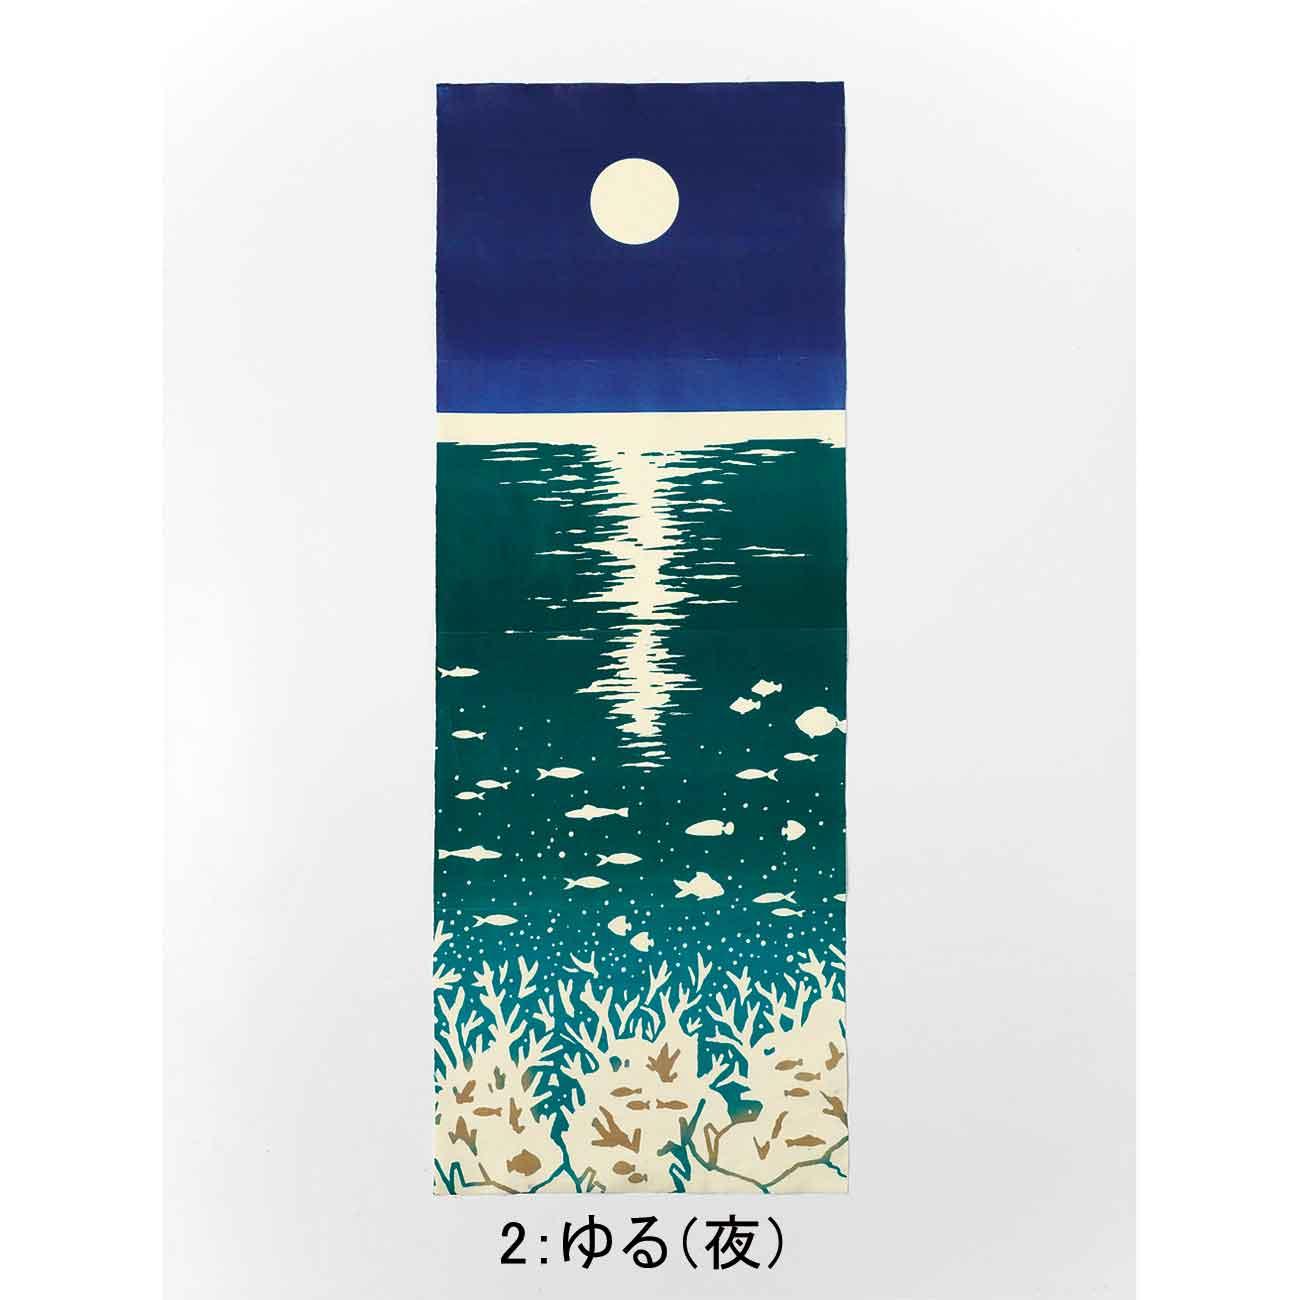 満月の夜、一斉に産卵する珊瑚と魚たち。